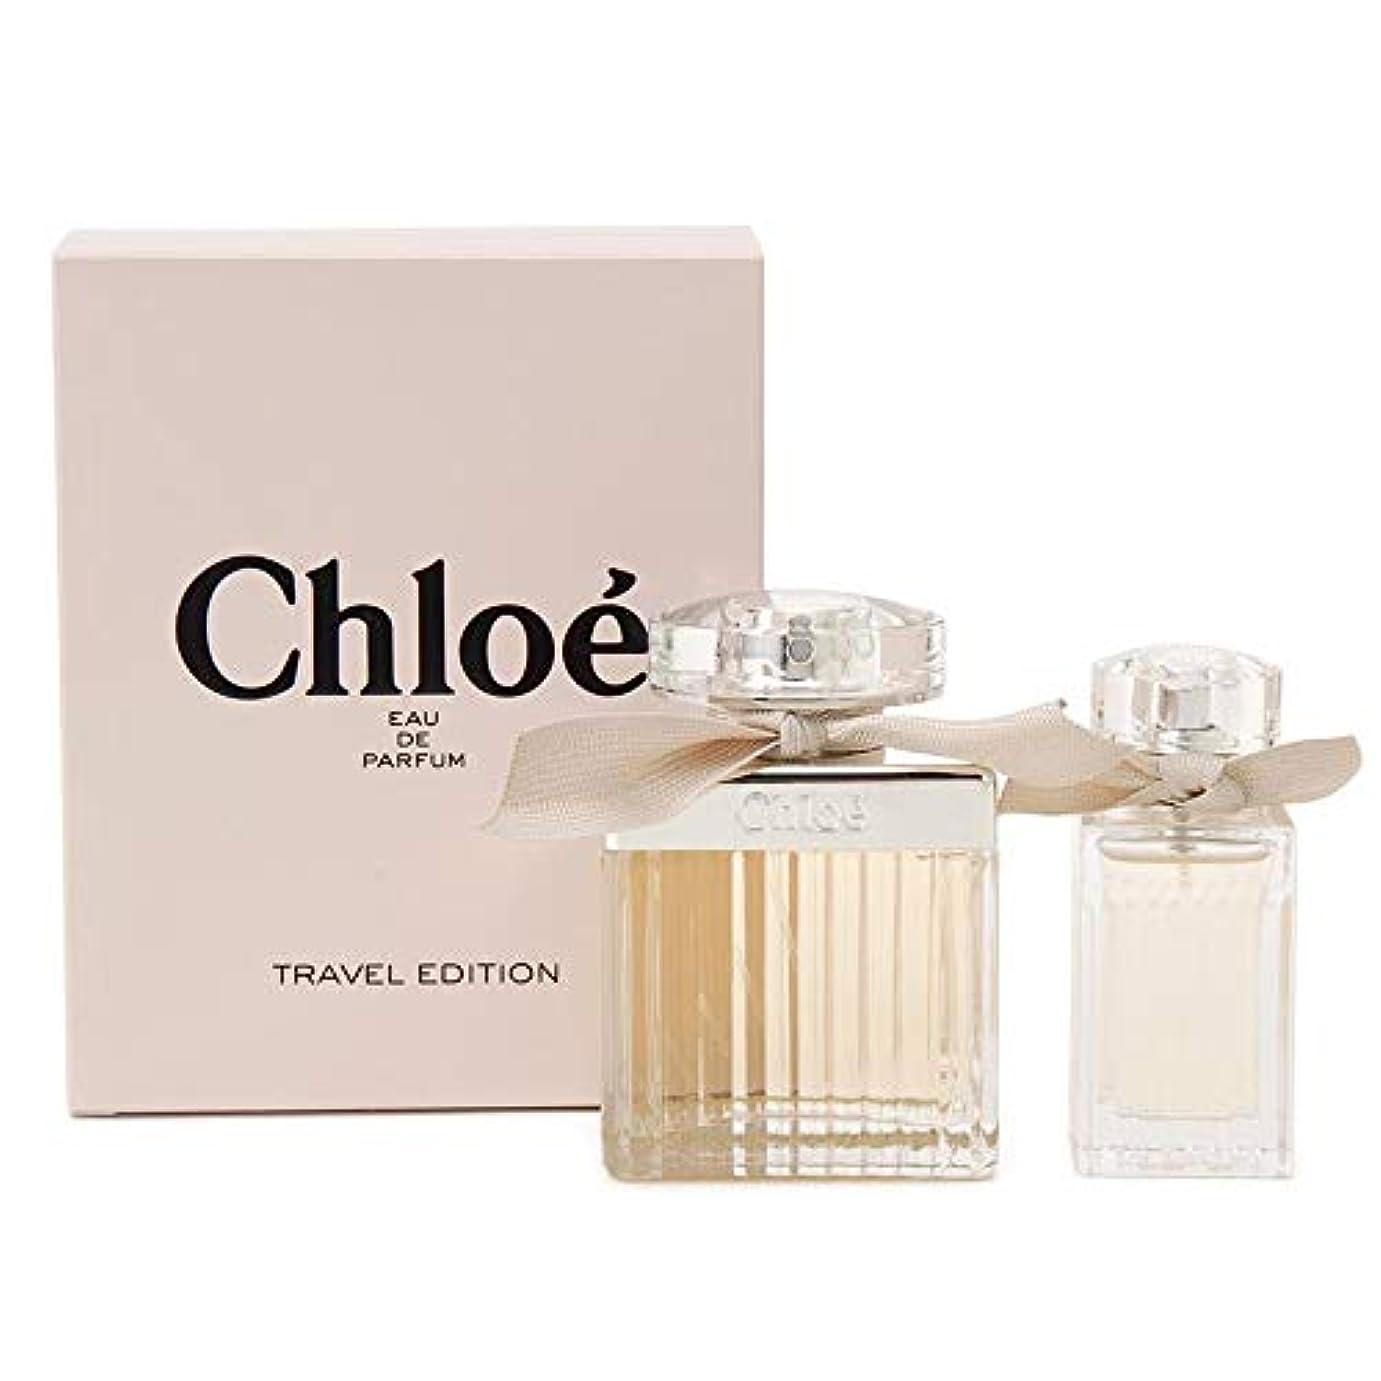 イースター奴隷元気なクロエ chloe オードパルファム 香水セット 20ml 75ml 2P 香水 レディース 女性用 フレグランス [並行輸入品]